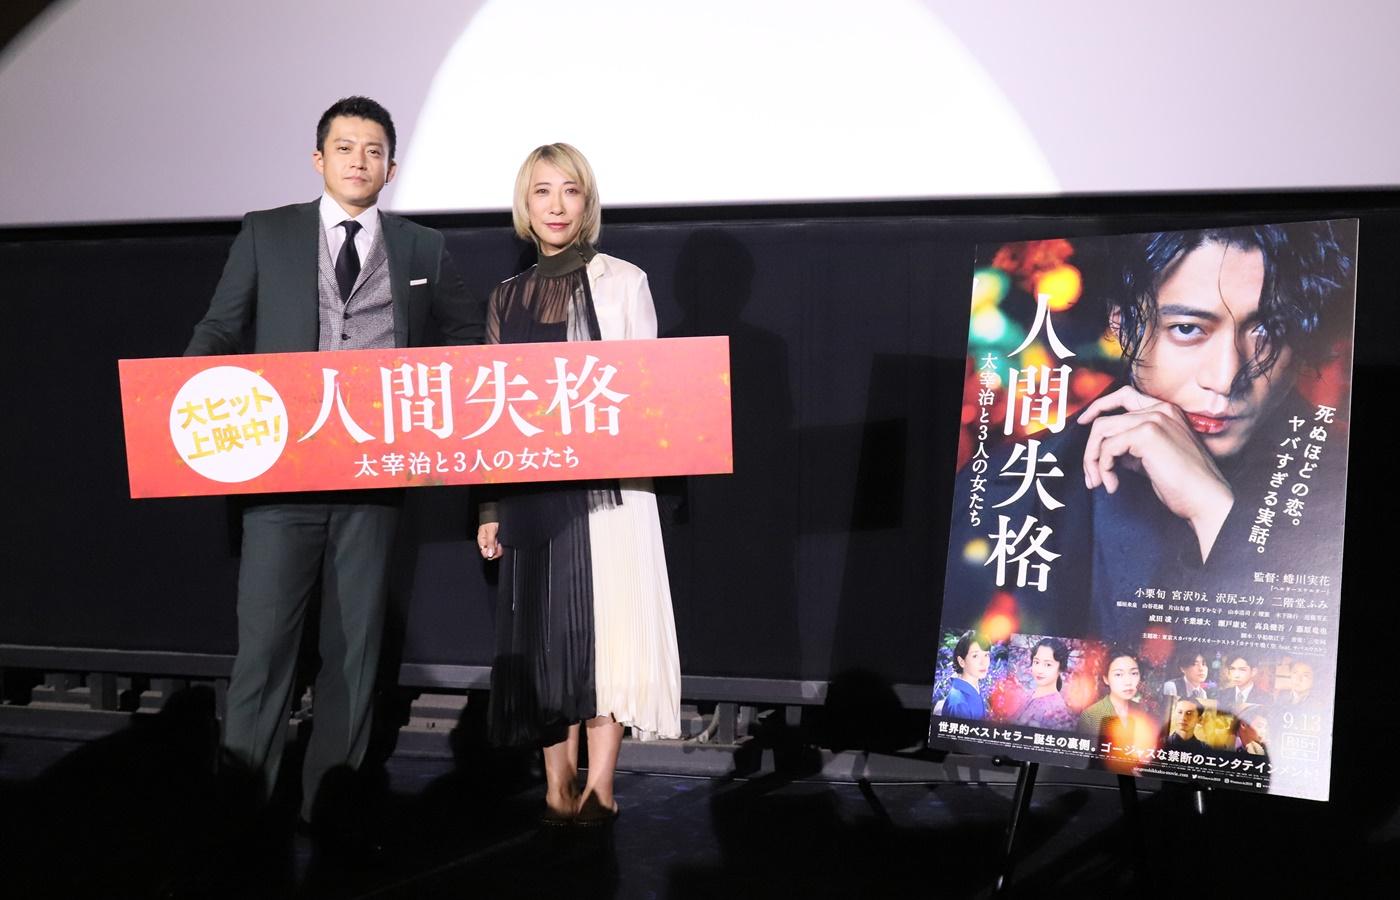 映画『人間失格 太宰治と3人の女たち』の蜷川実花監督、小栗旬さんが名古屋に登場!